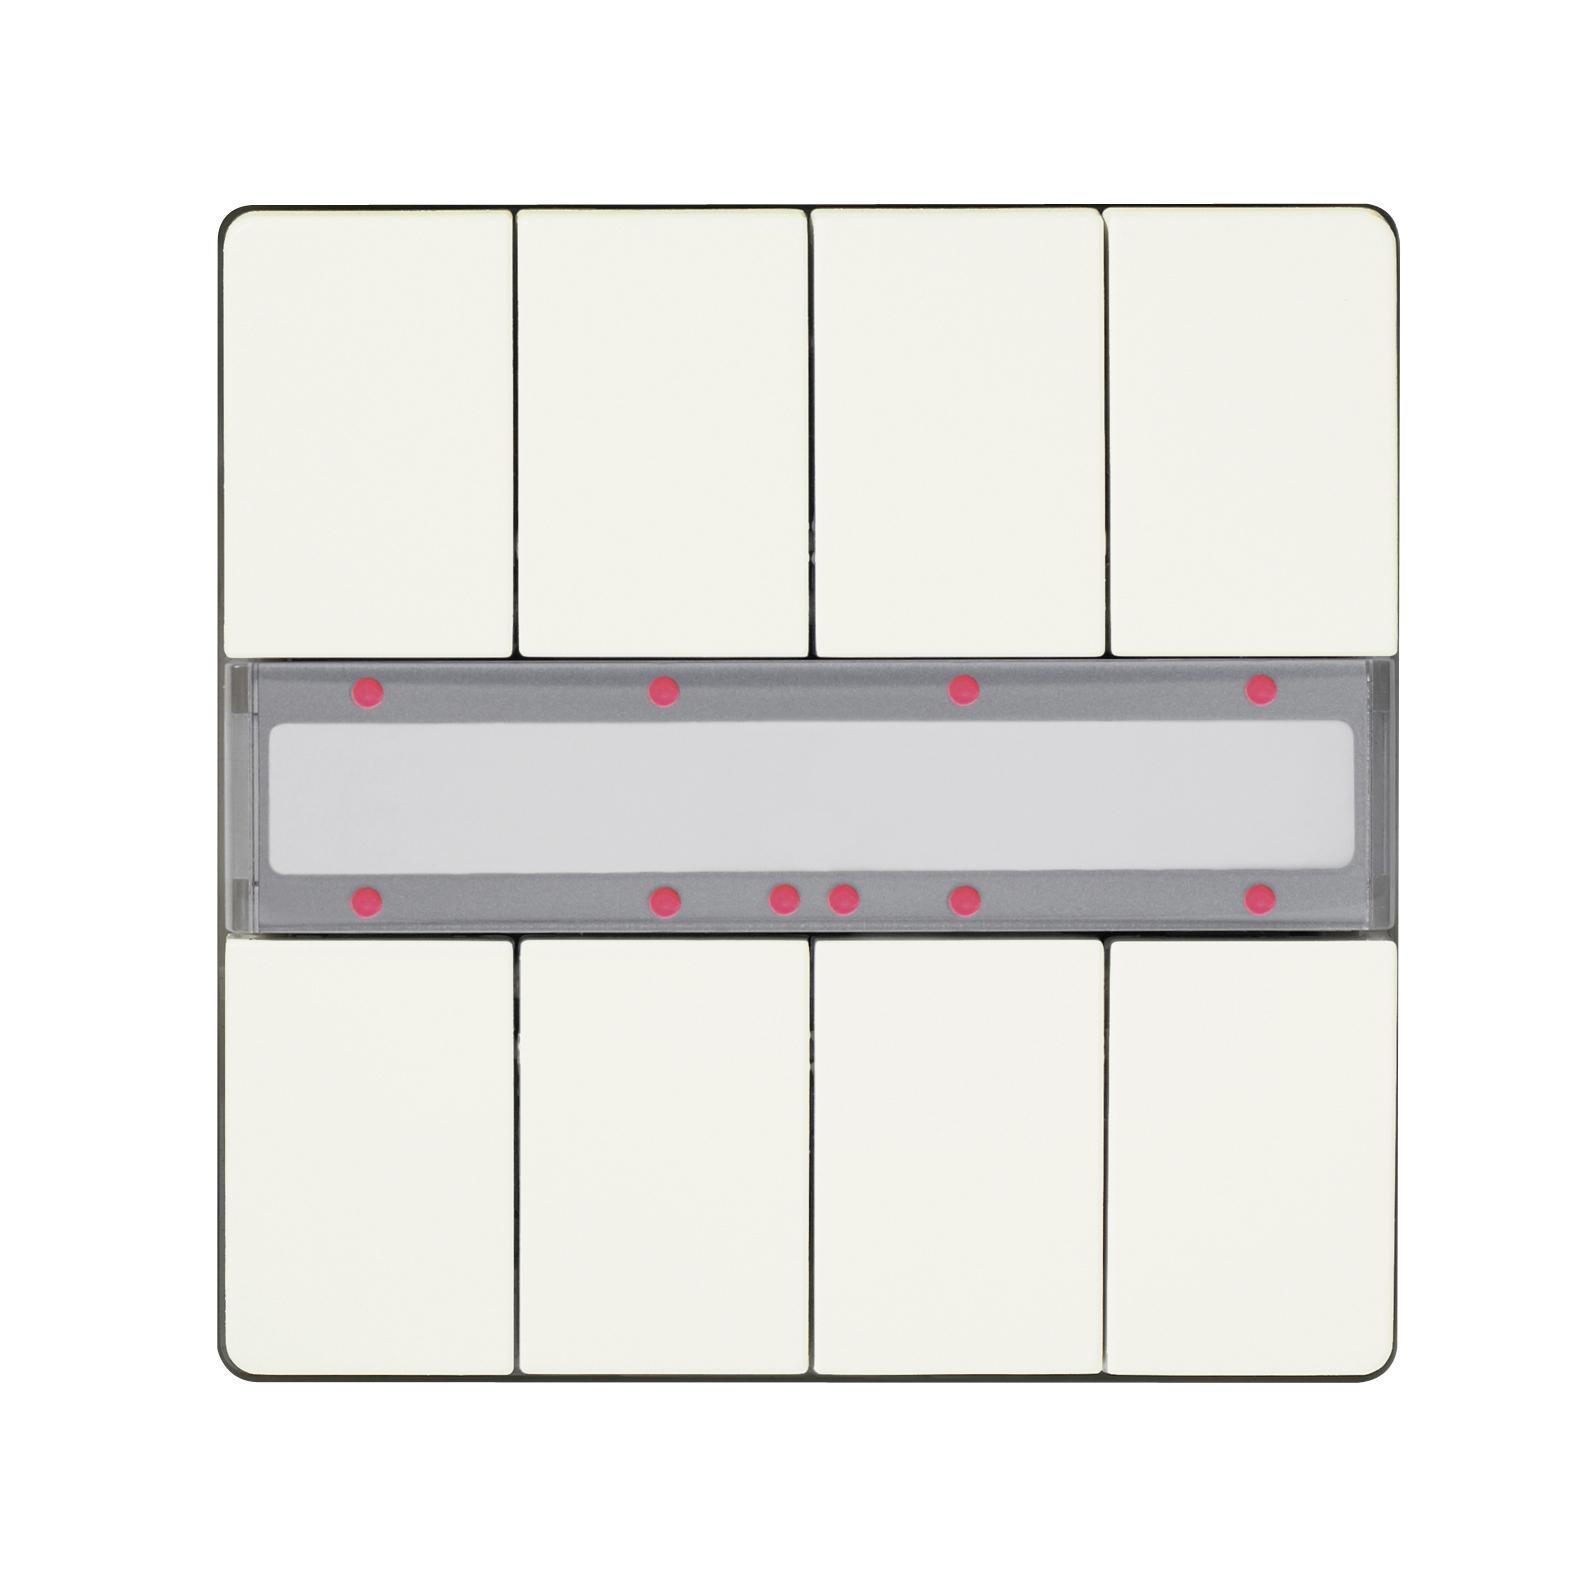 1 Stk Taster 4-fach mit Status-LED, DELTA style, titanweiß KX2872DB13